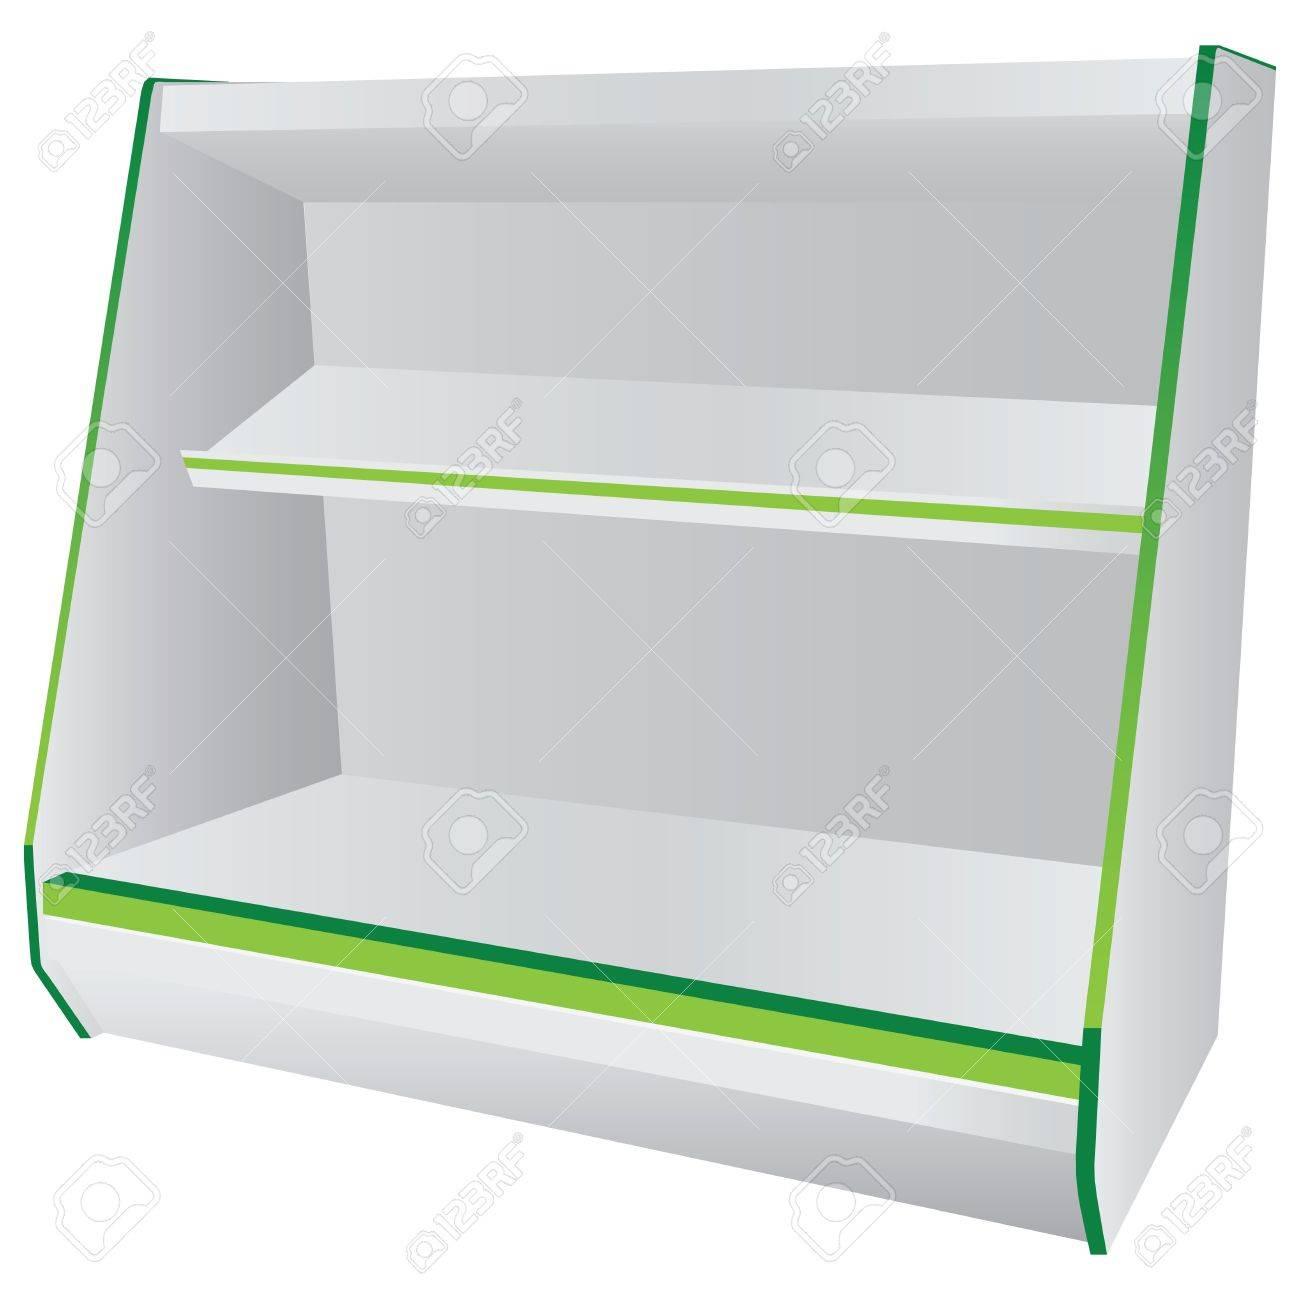 rayonnages avec étagères suspendues commerciale. vector illustration